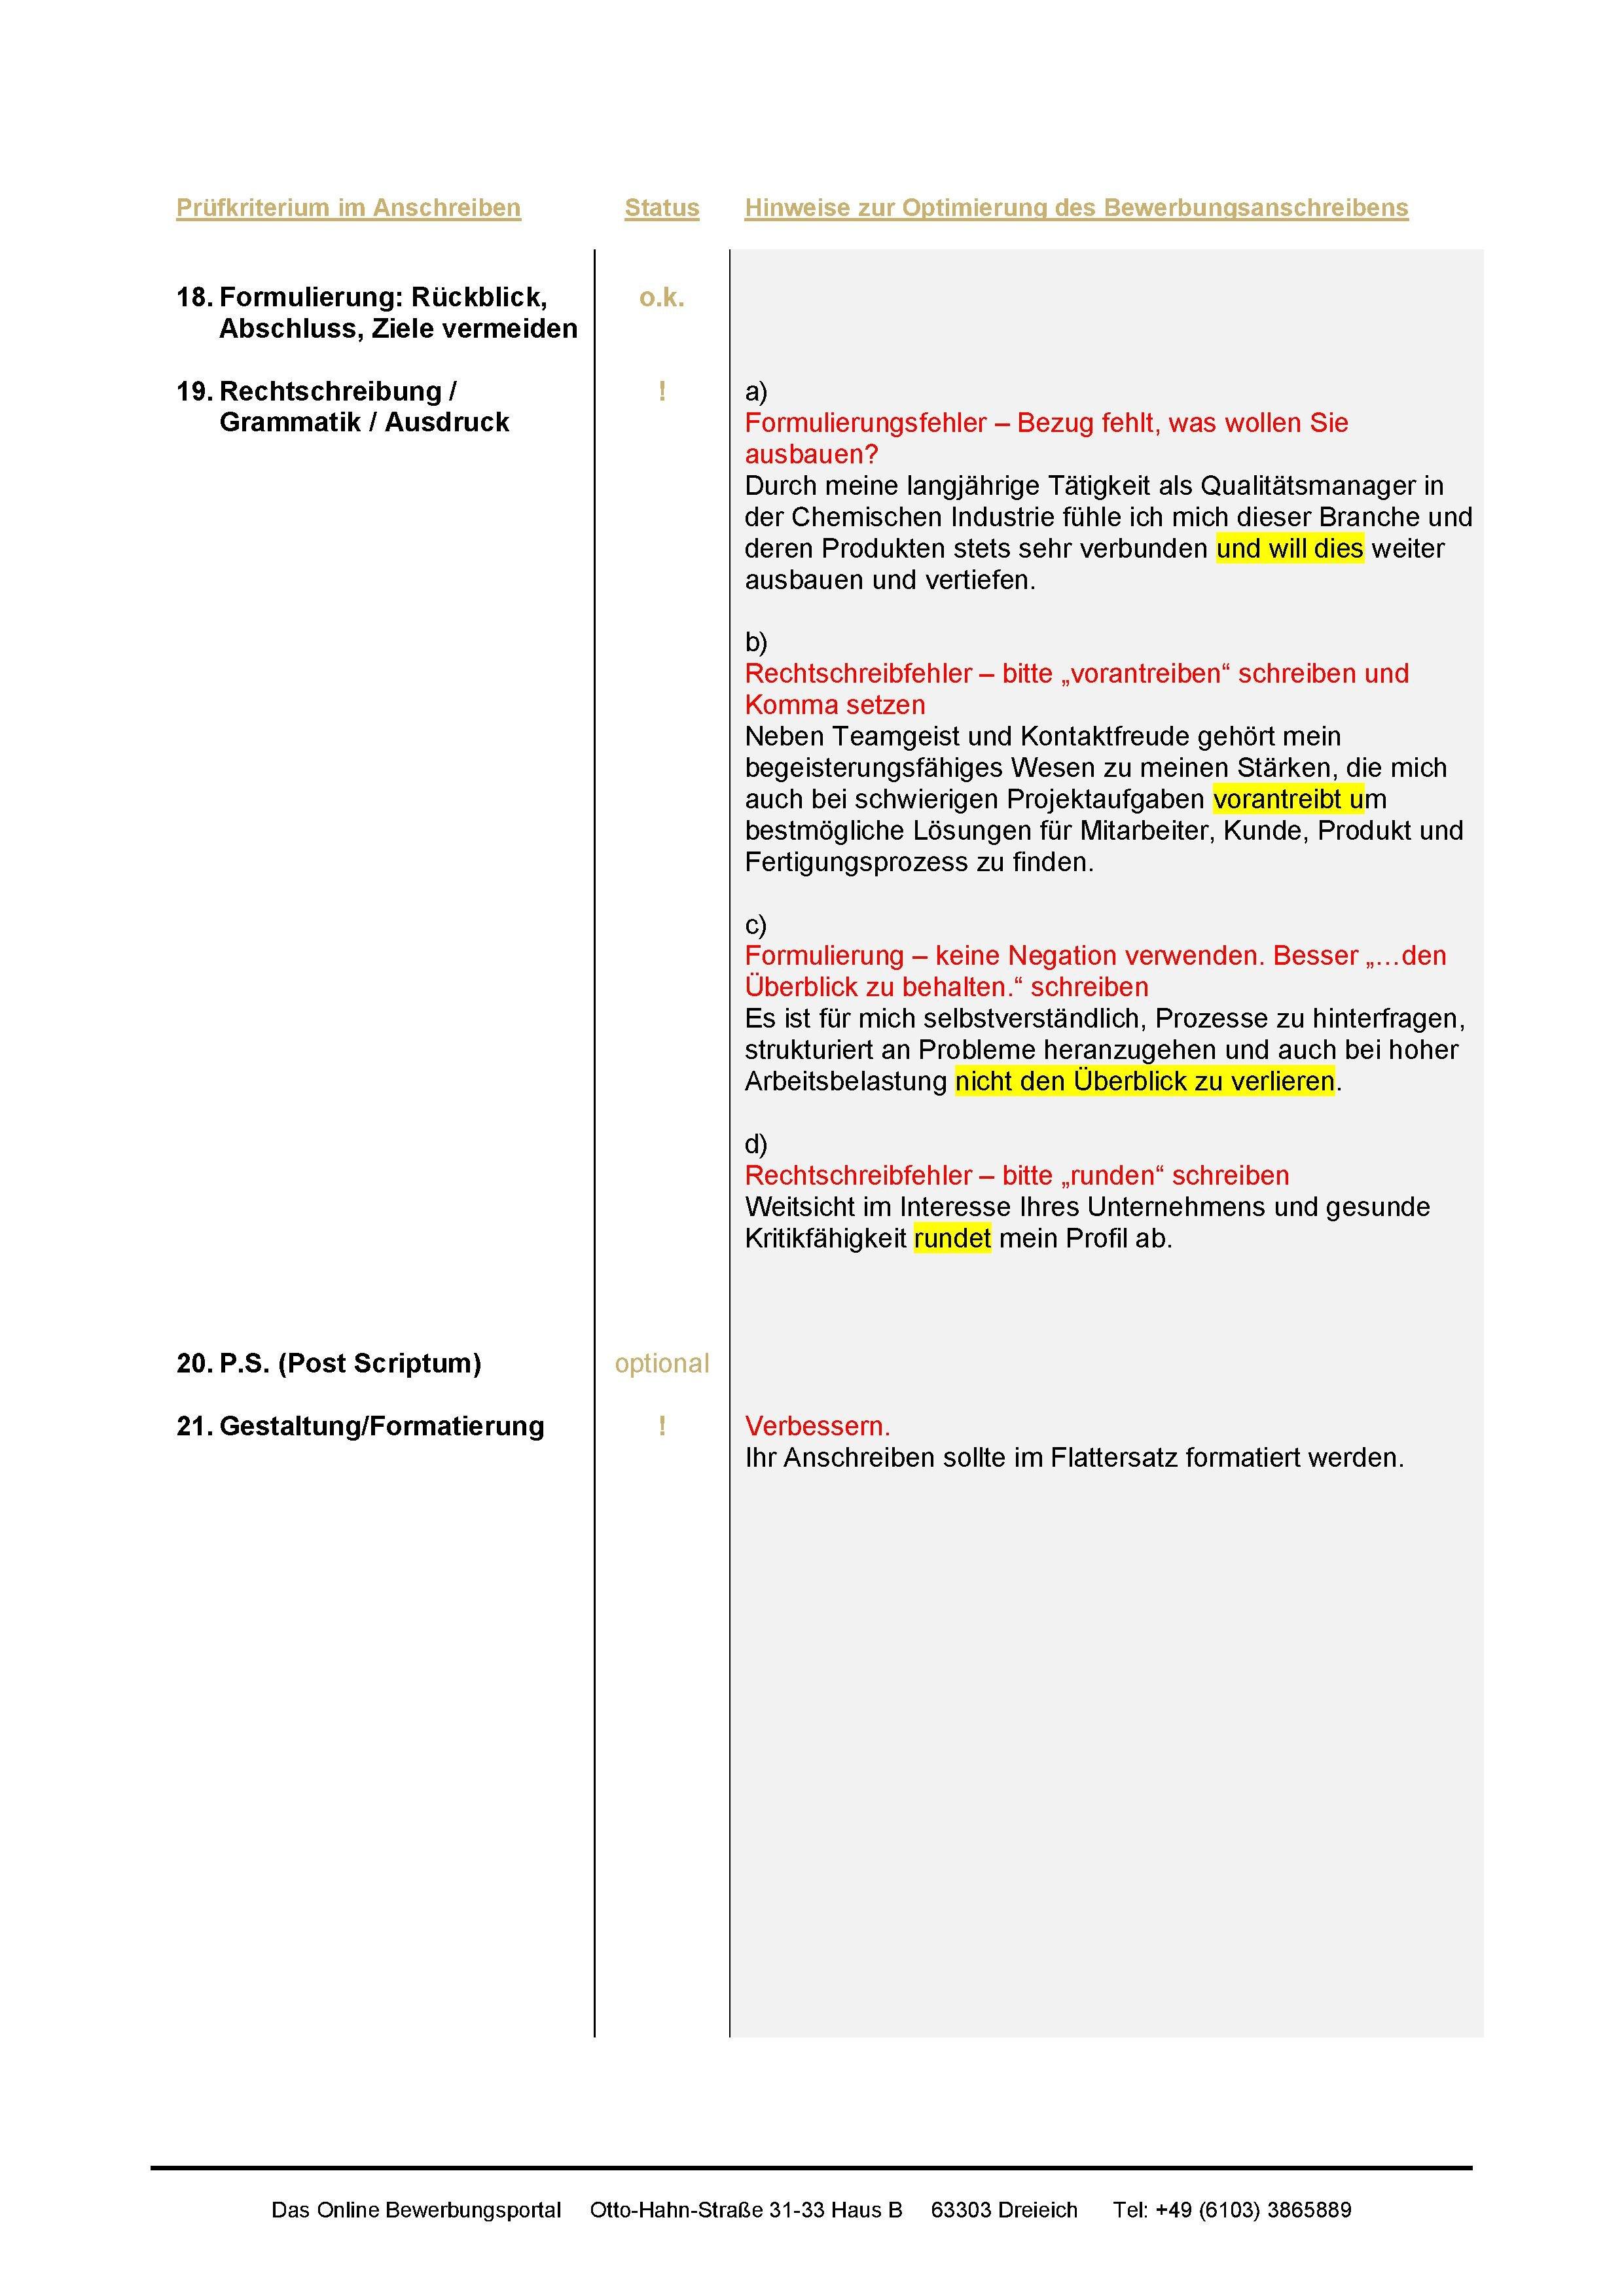 Lebenslauf Schreiben Lassen Erfahrung - Free HD Wallpaper